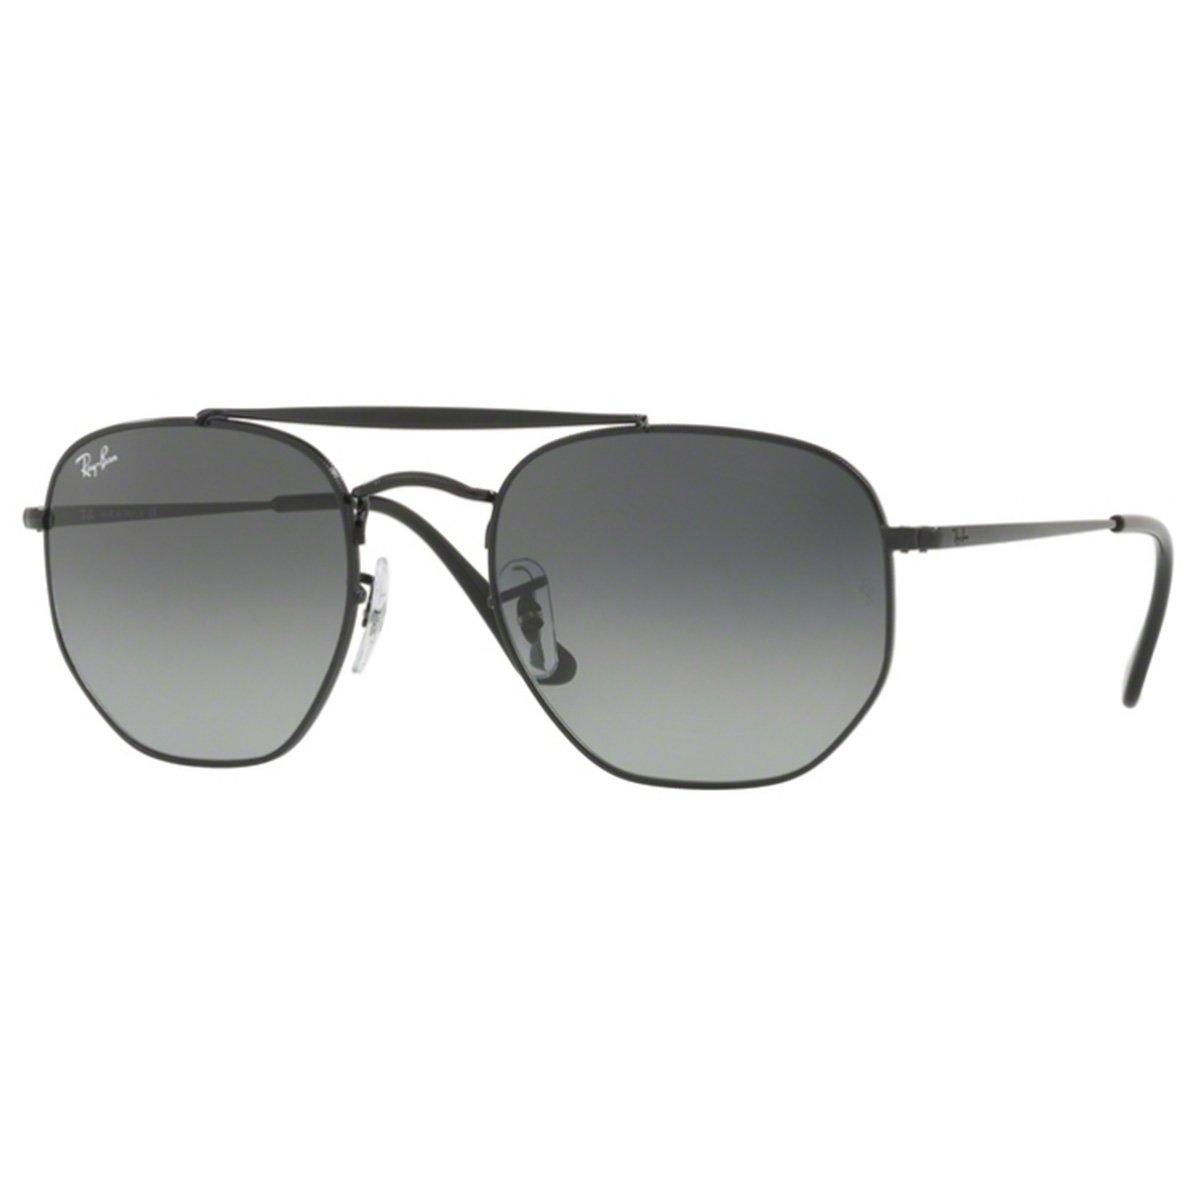 f7e83286b3e92 Compre Óculos de Sol Ray Ban Marshal em 10X   Tri-Jóia Shop